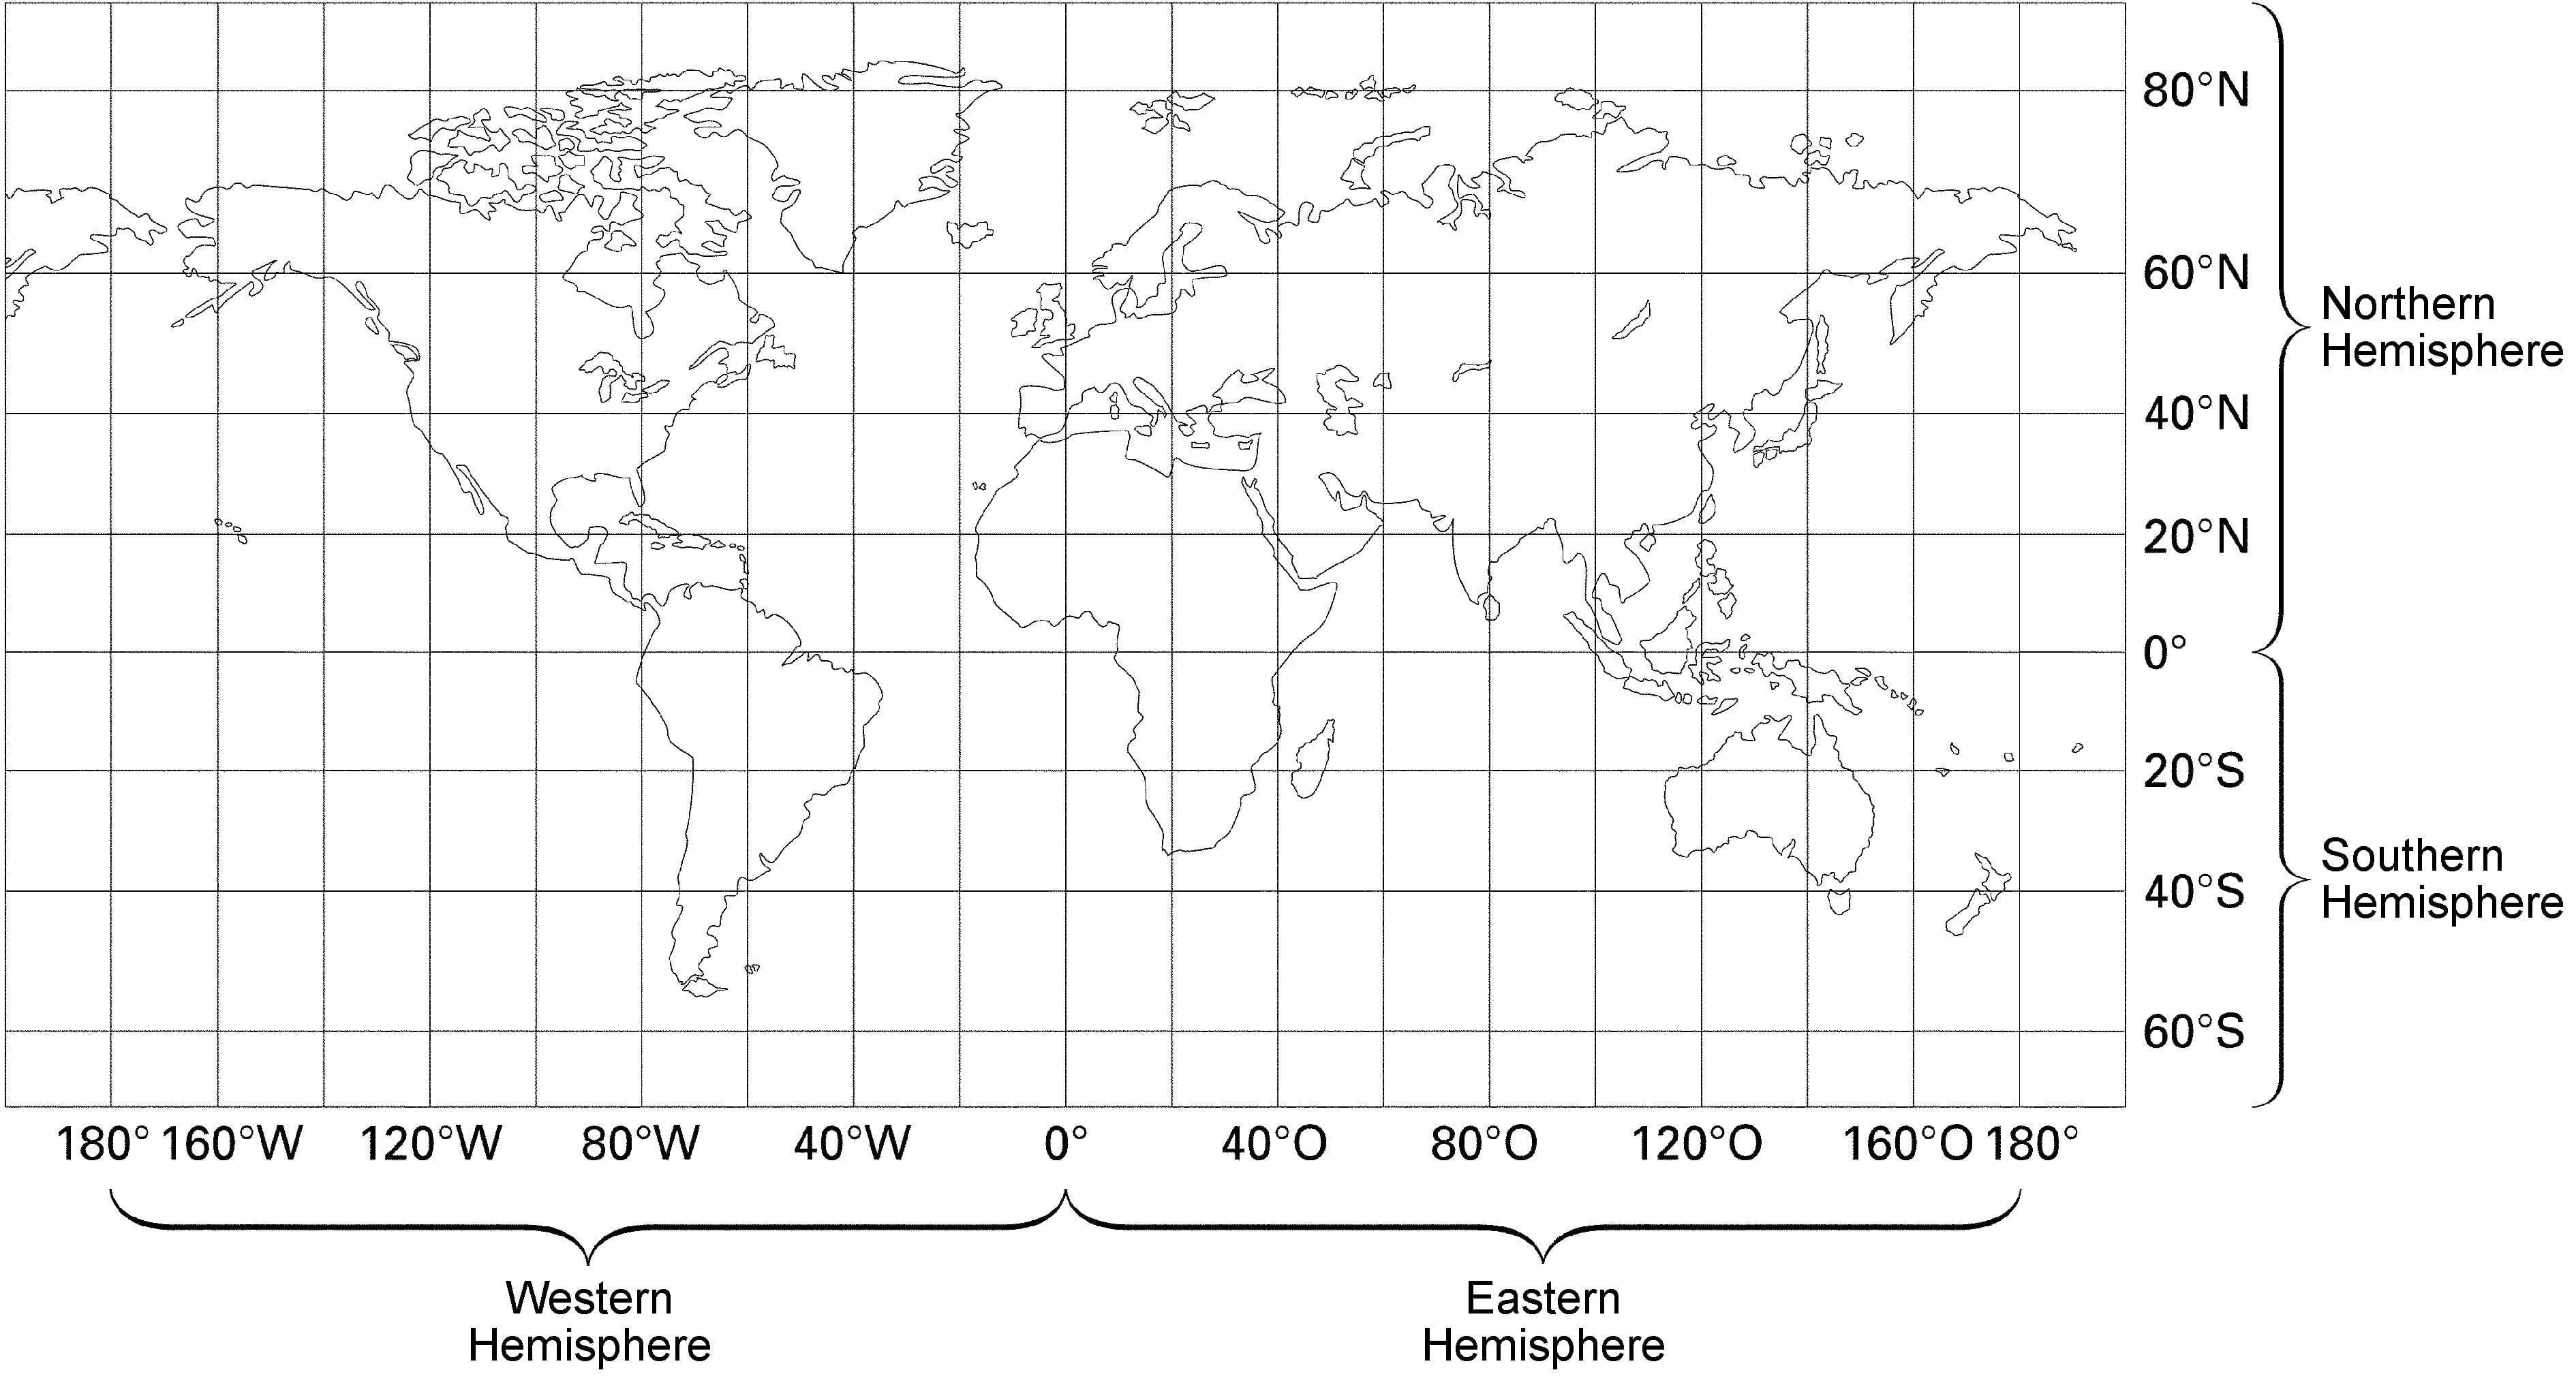 Blank World Map Worksheet With Latitude And Longitude